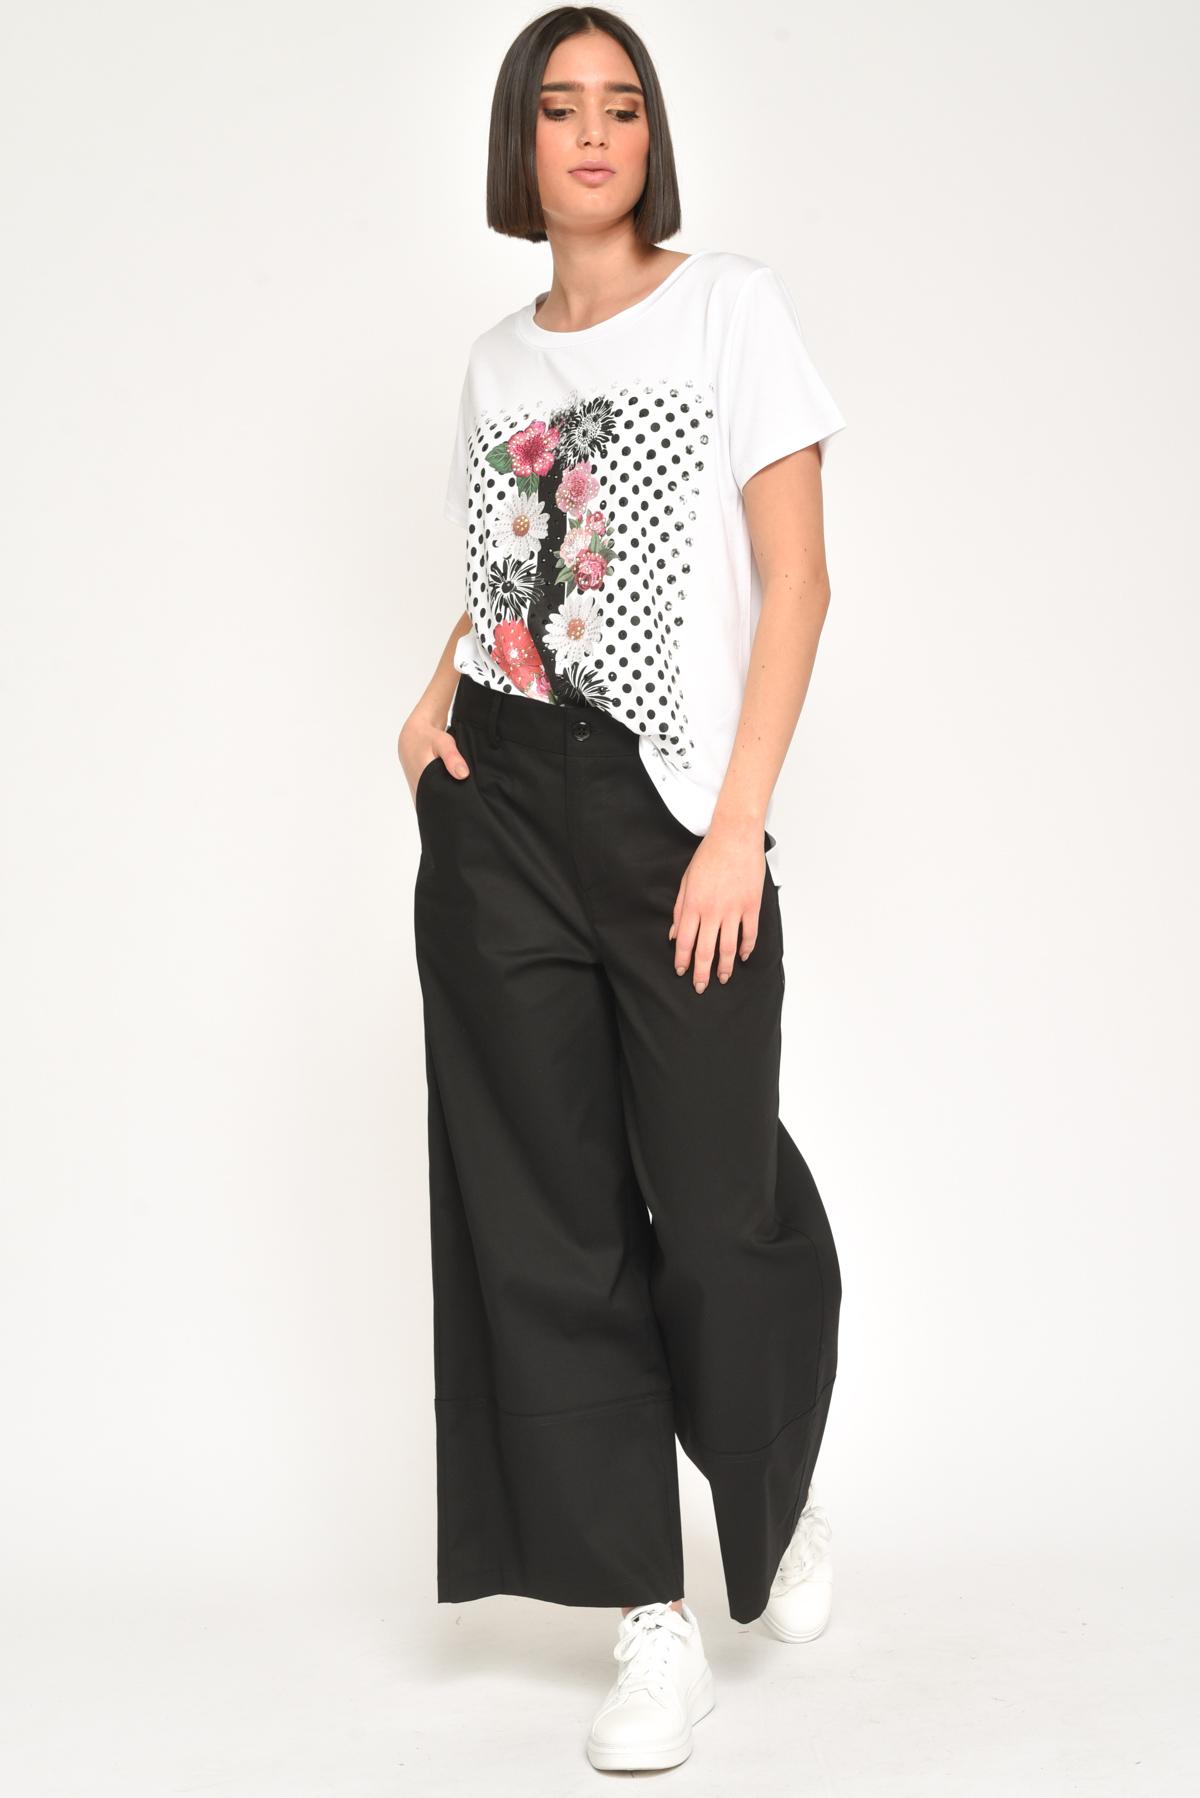 T-SHIRT ROSE IN VISCOSA  da donna - BIANCO / NERO - Paquito Pronto Moda Shop Online